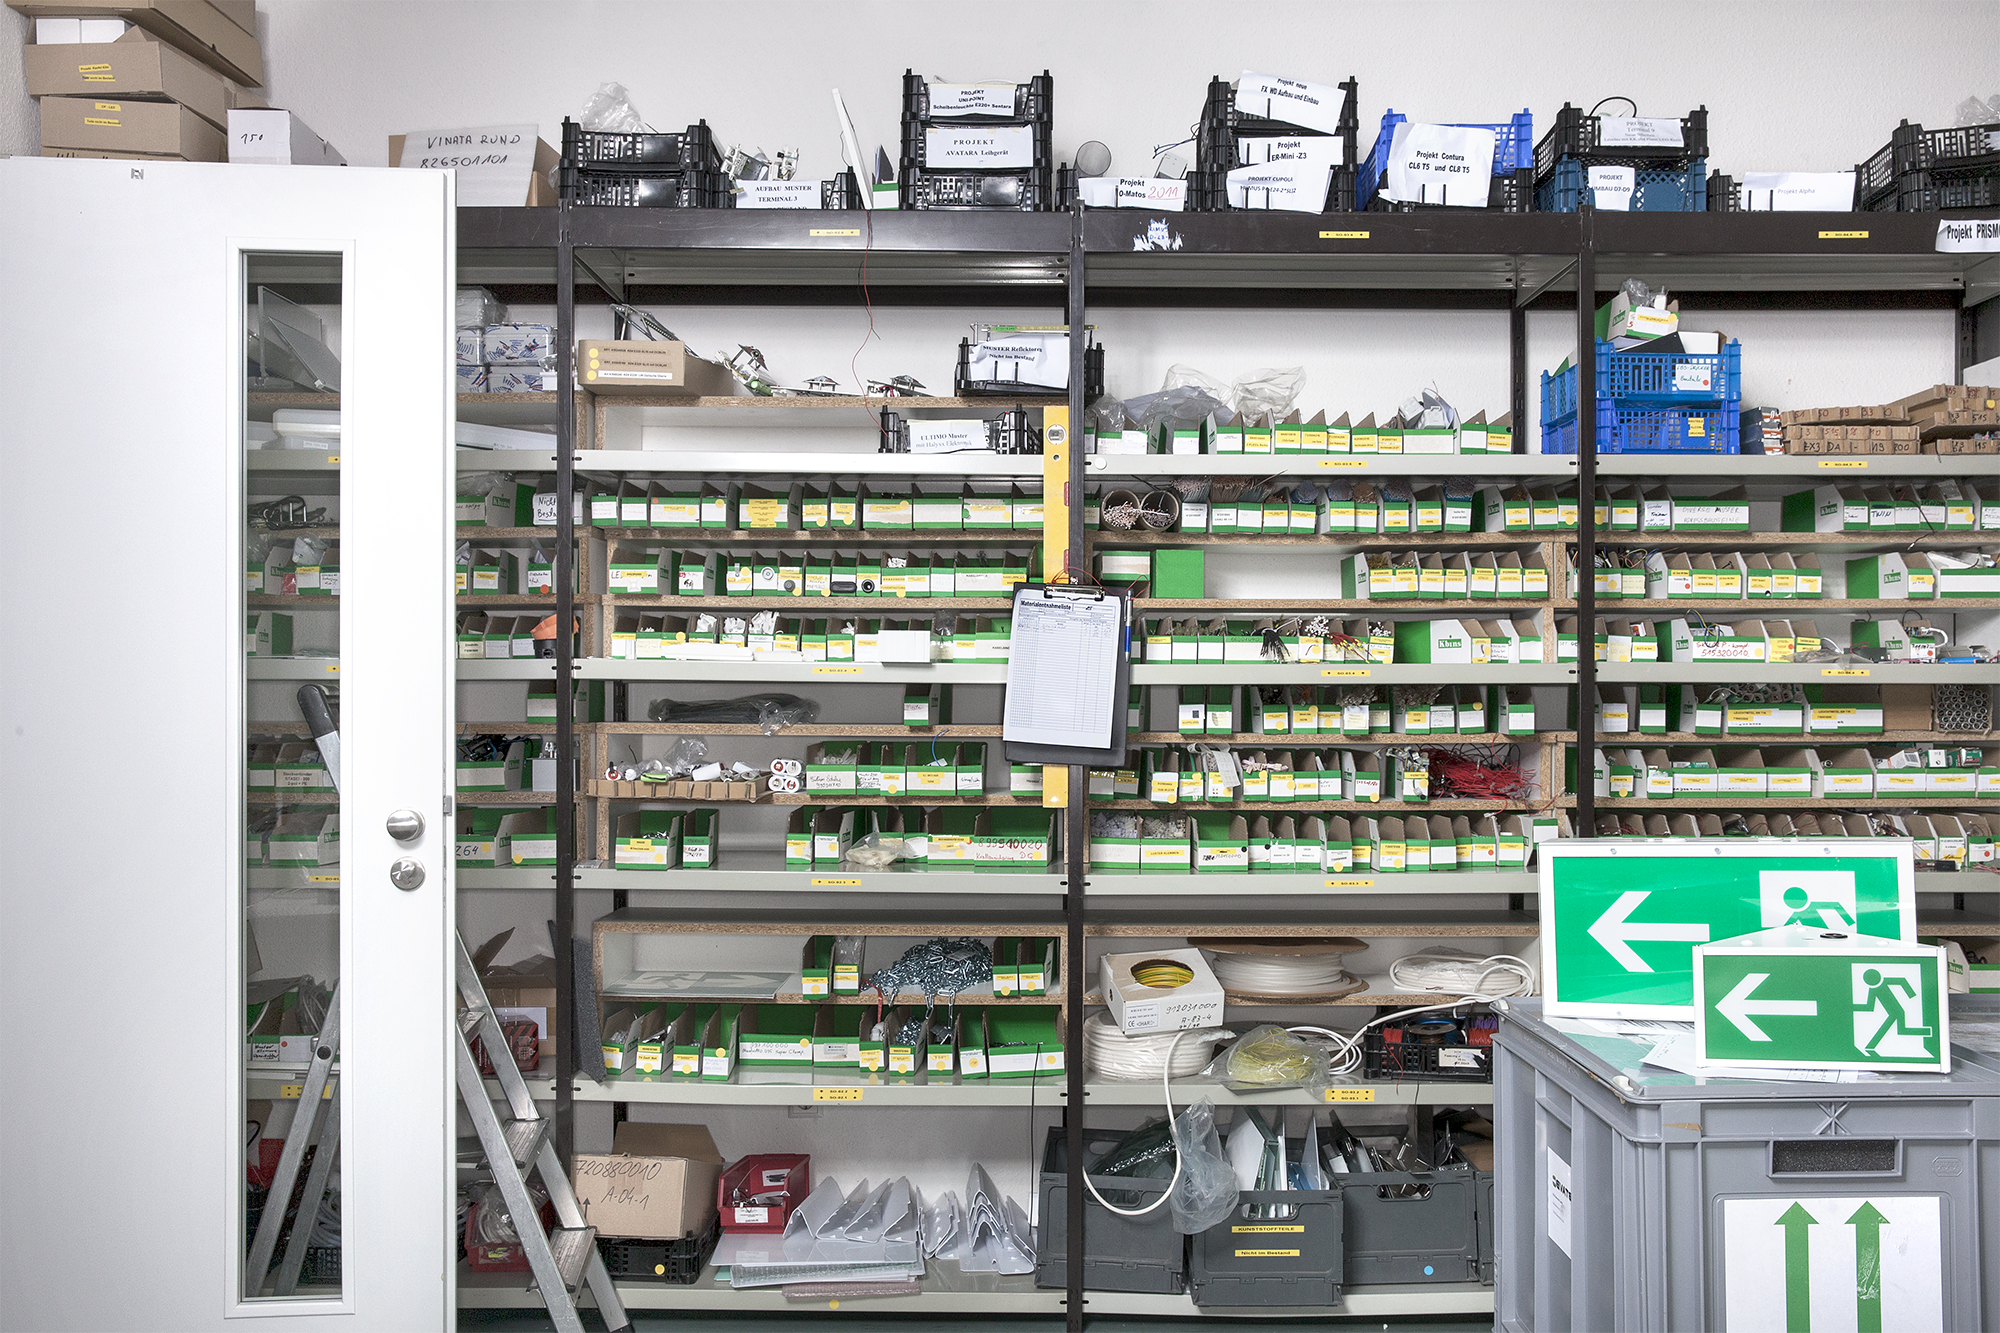 Elektronik Werkstatt